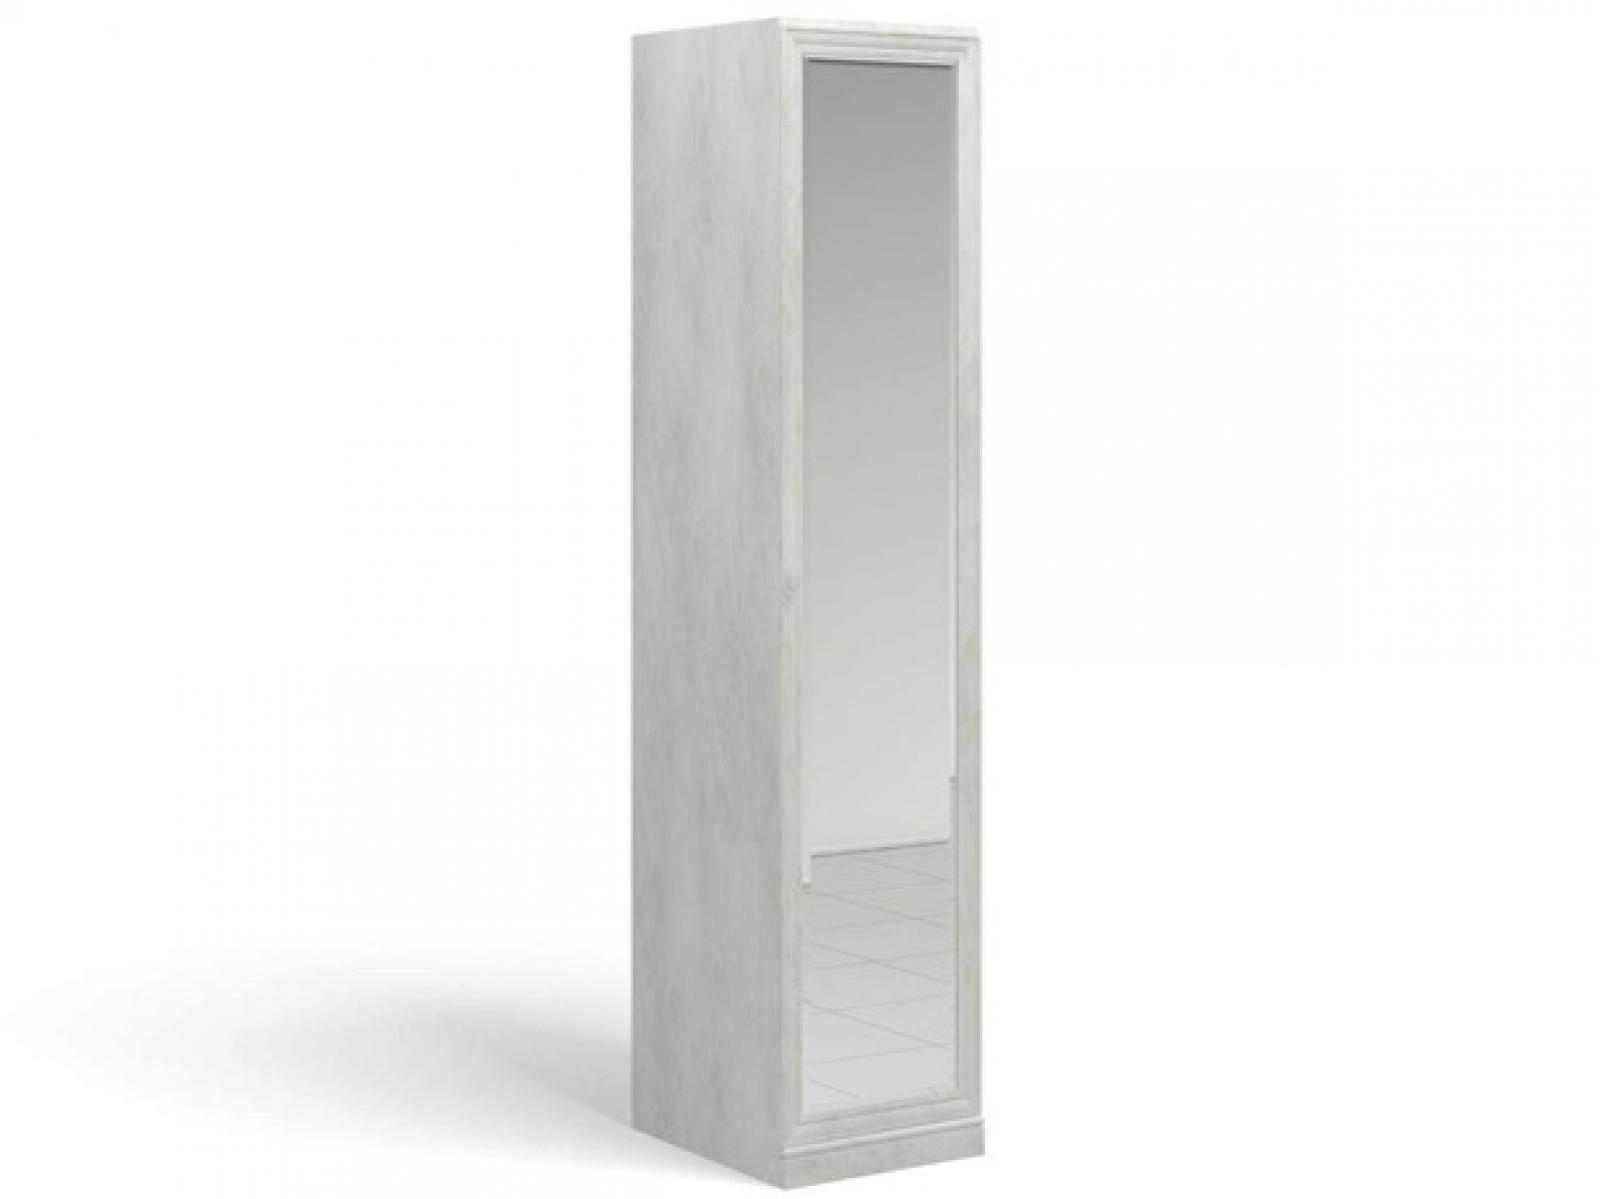 Ария Светлая Колонка для одежды с зеркалом 701.02Z-B - 2